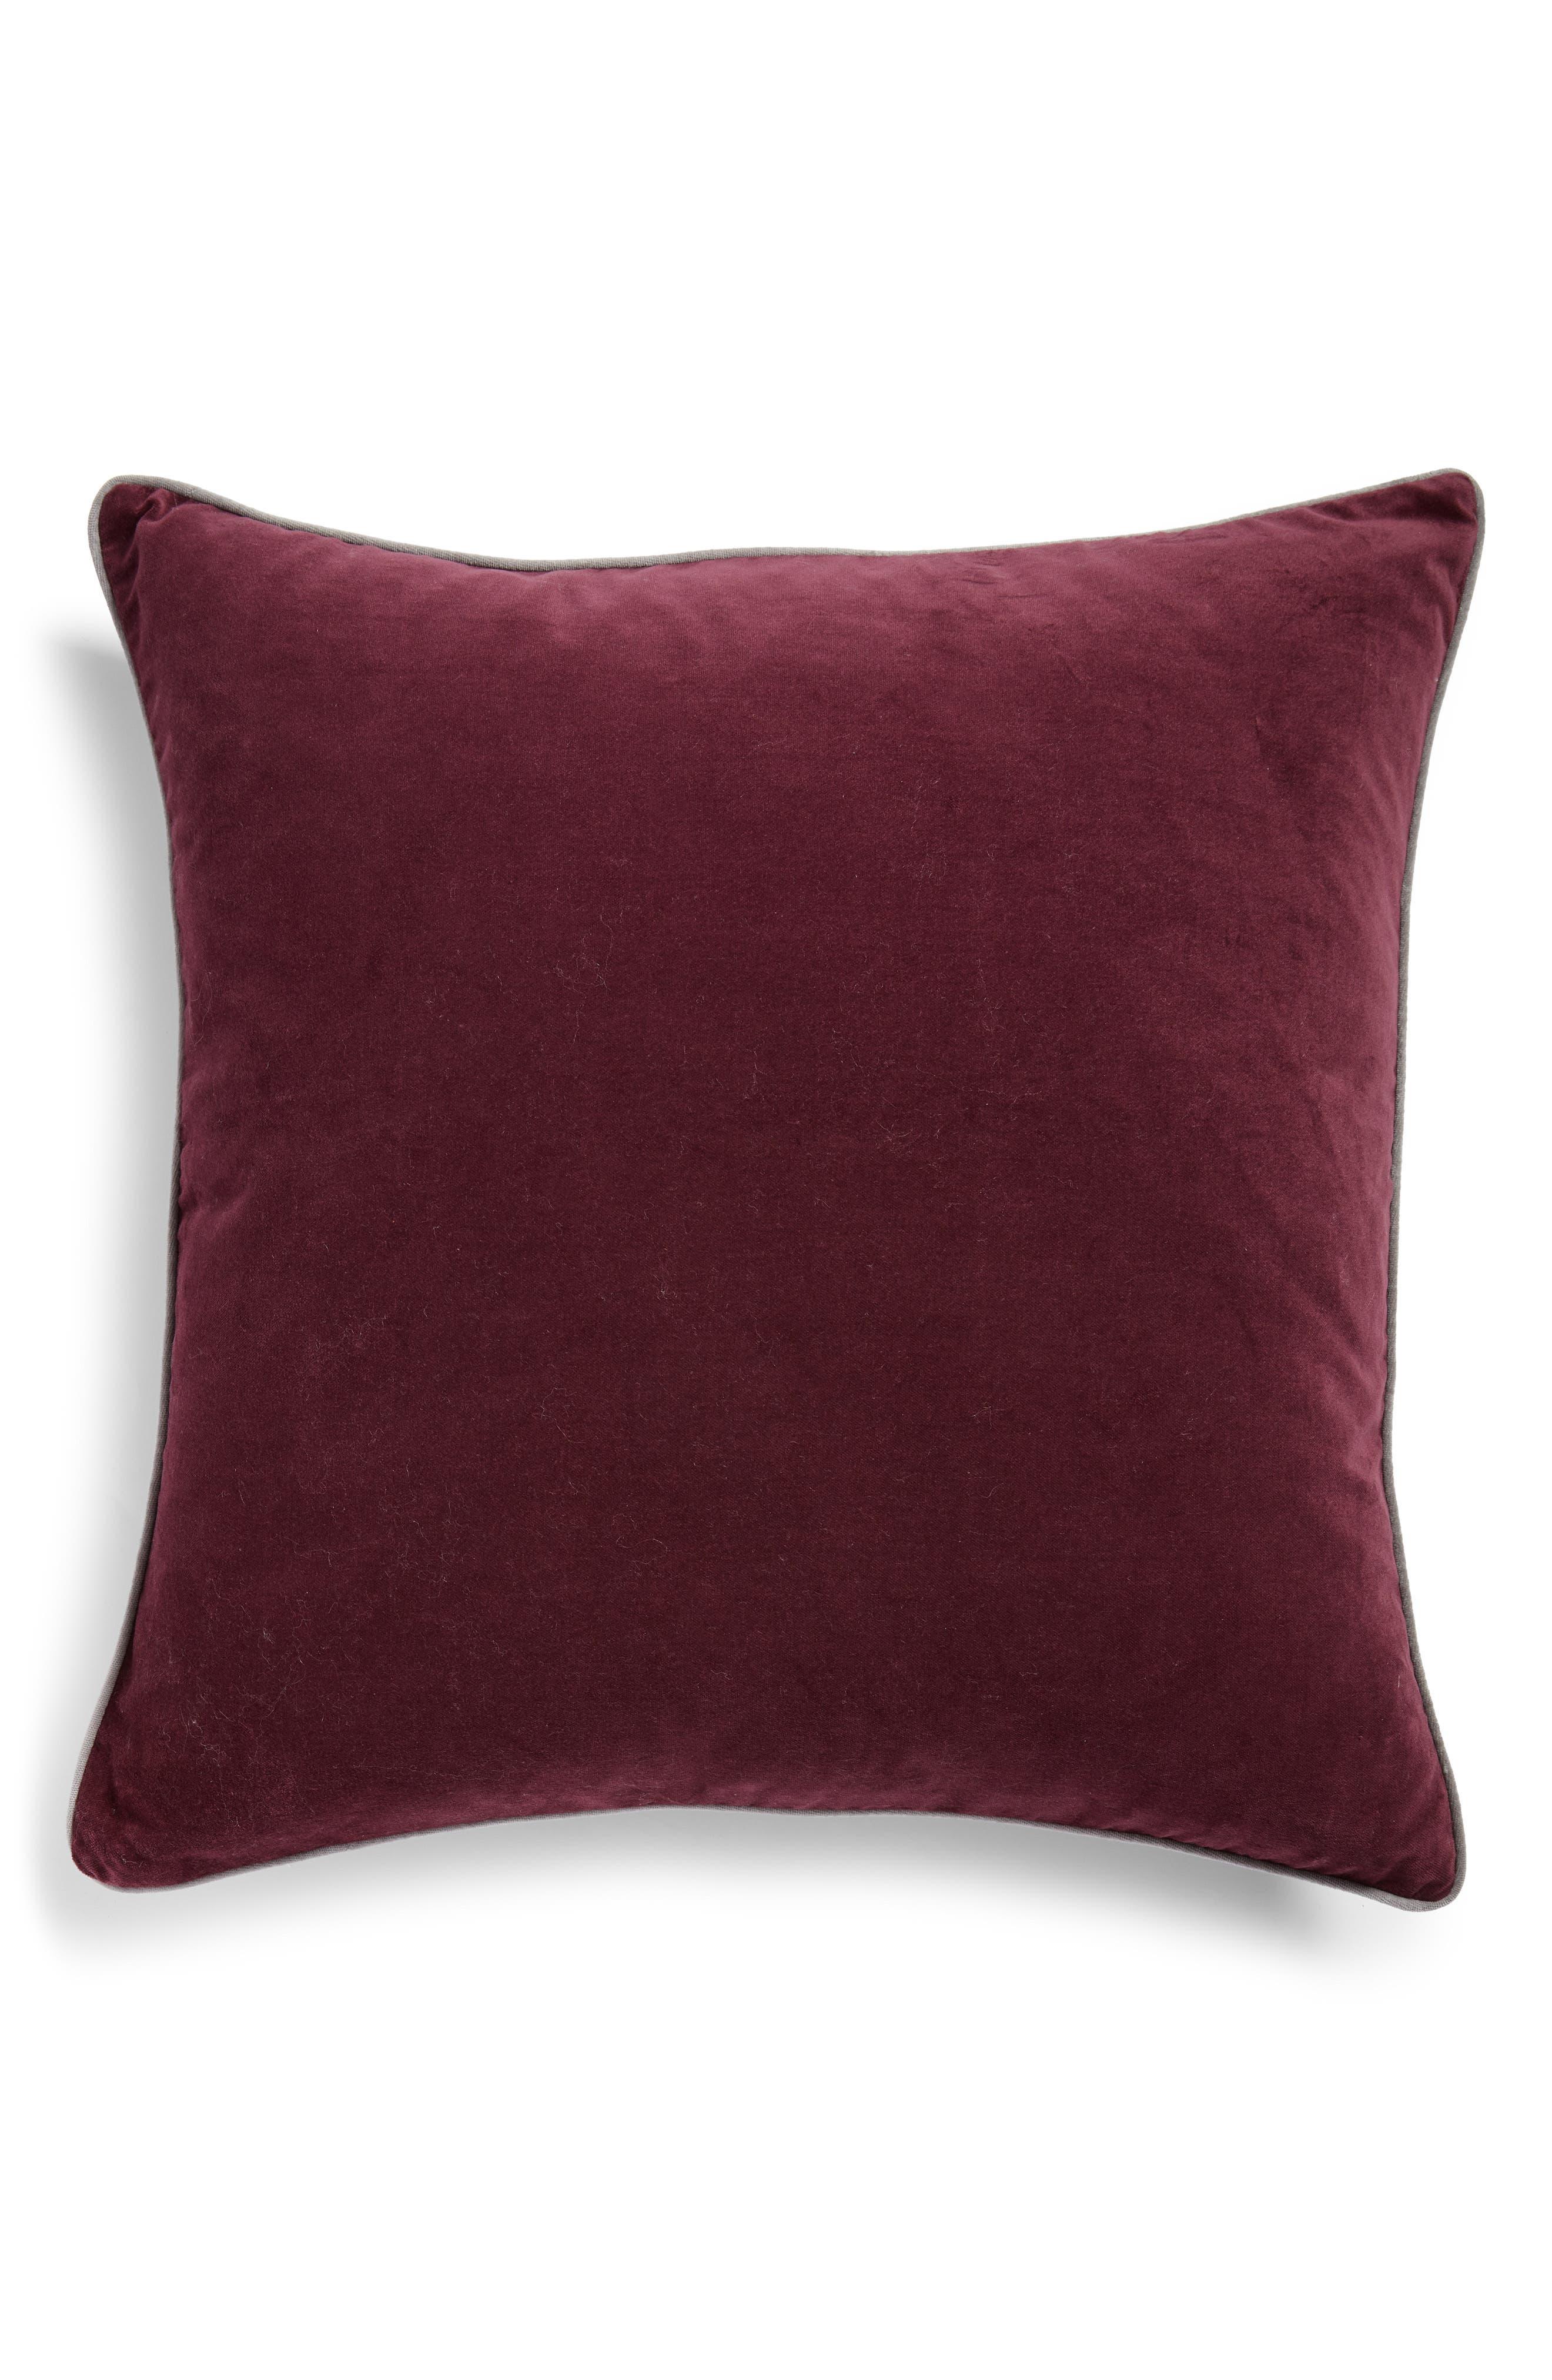 Velvet Border Accent Pillow, Main, color, BURGUNDY STEM